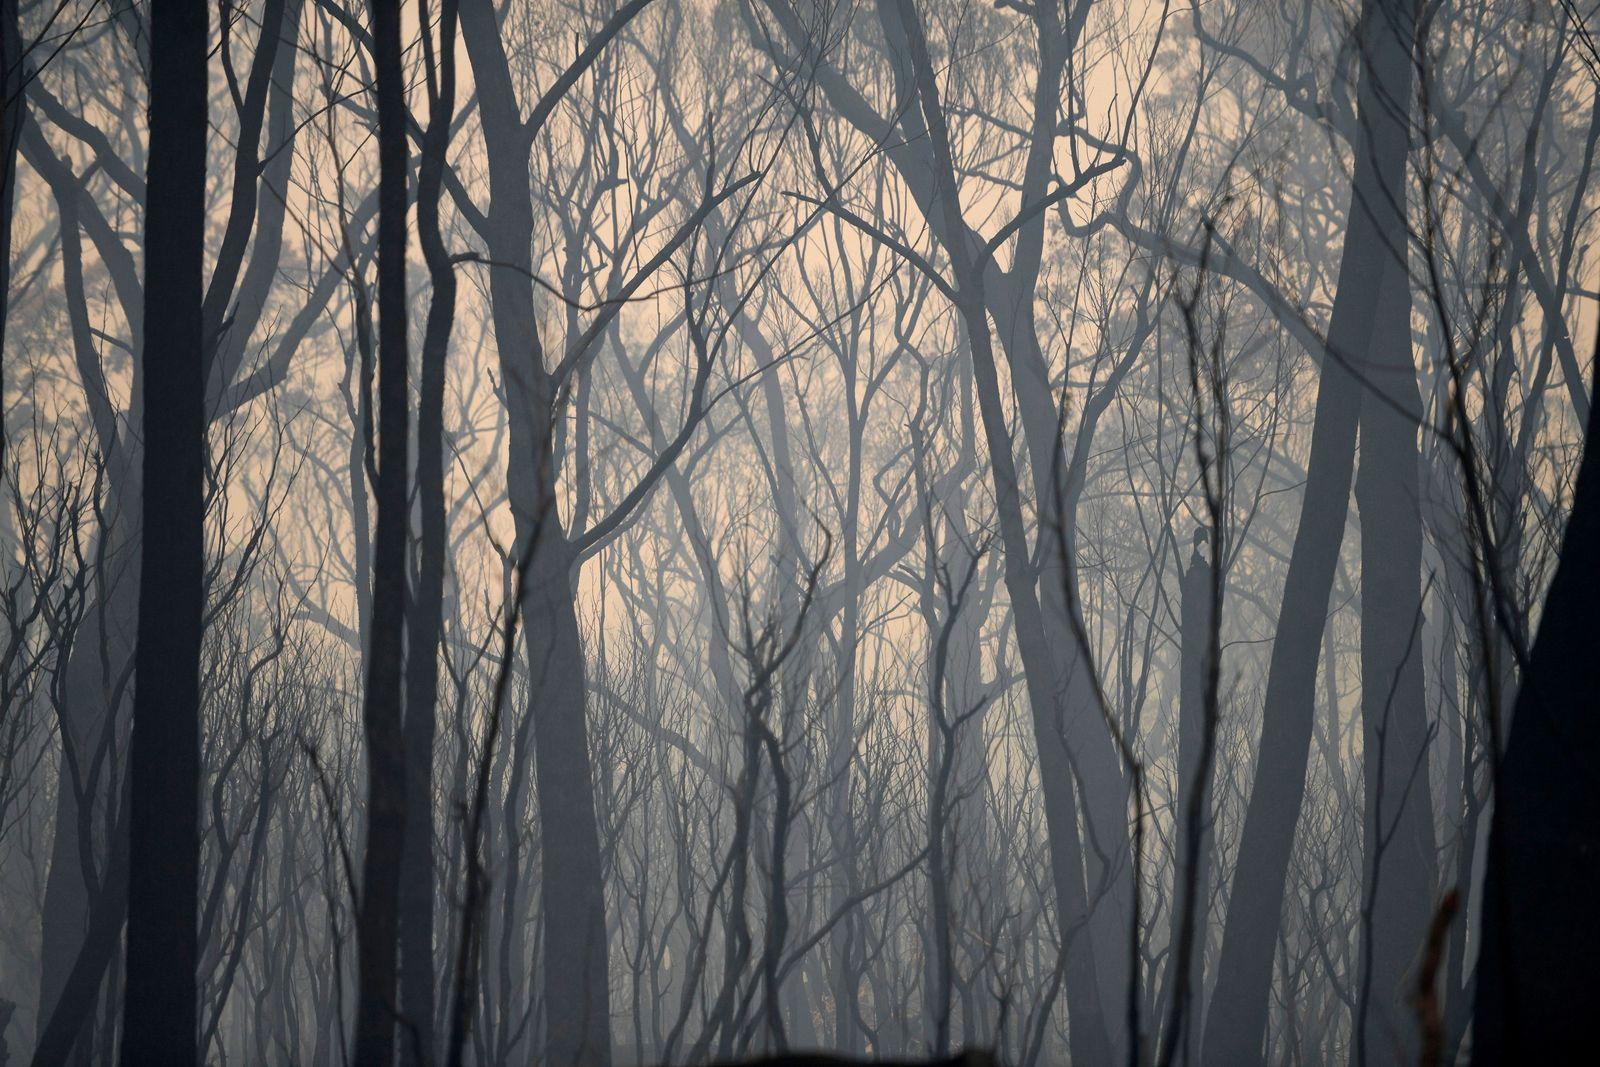 Verbrannte Bäume / Australien / Klimawandel